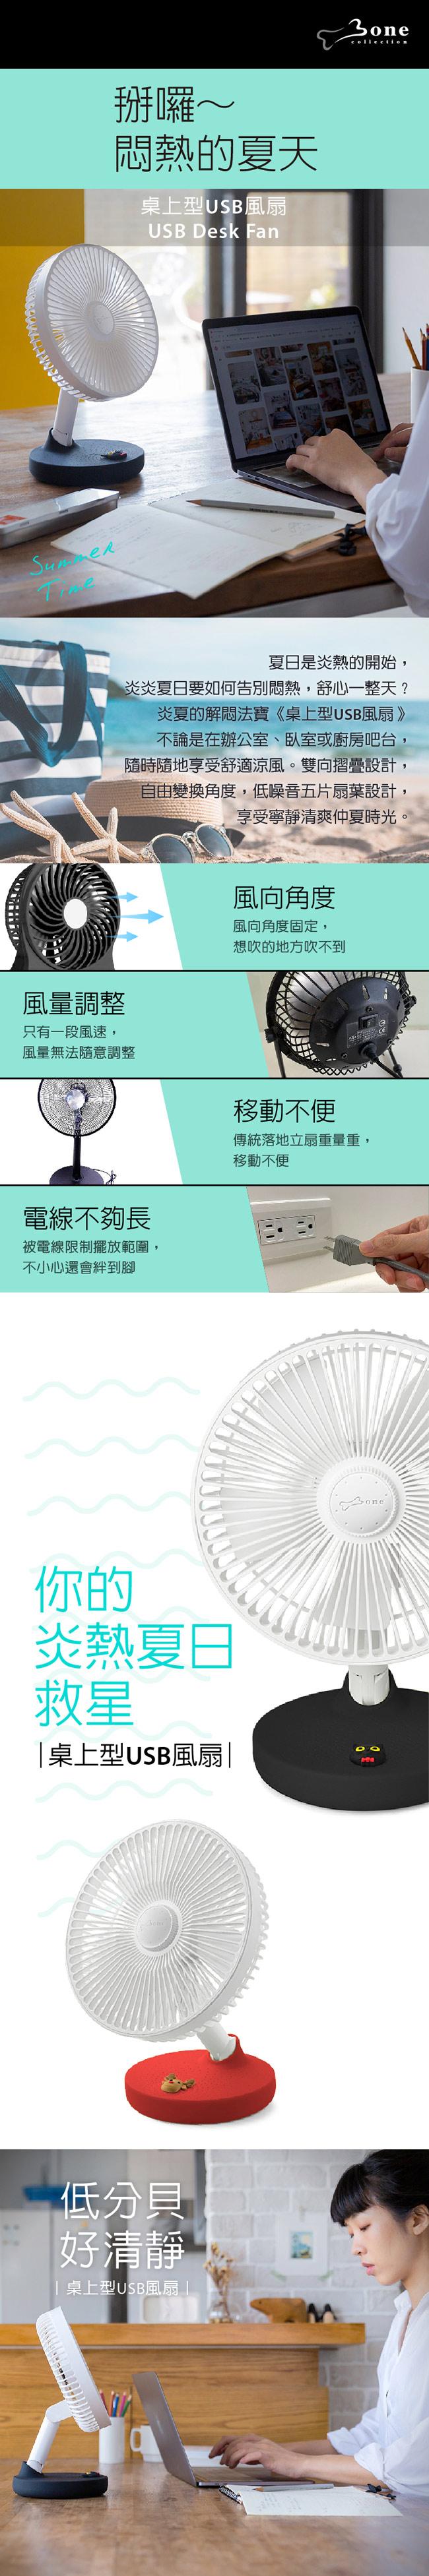 Bone|桌上型USB風扇 / USB Desk Fan - 企鵝小丸